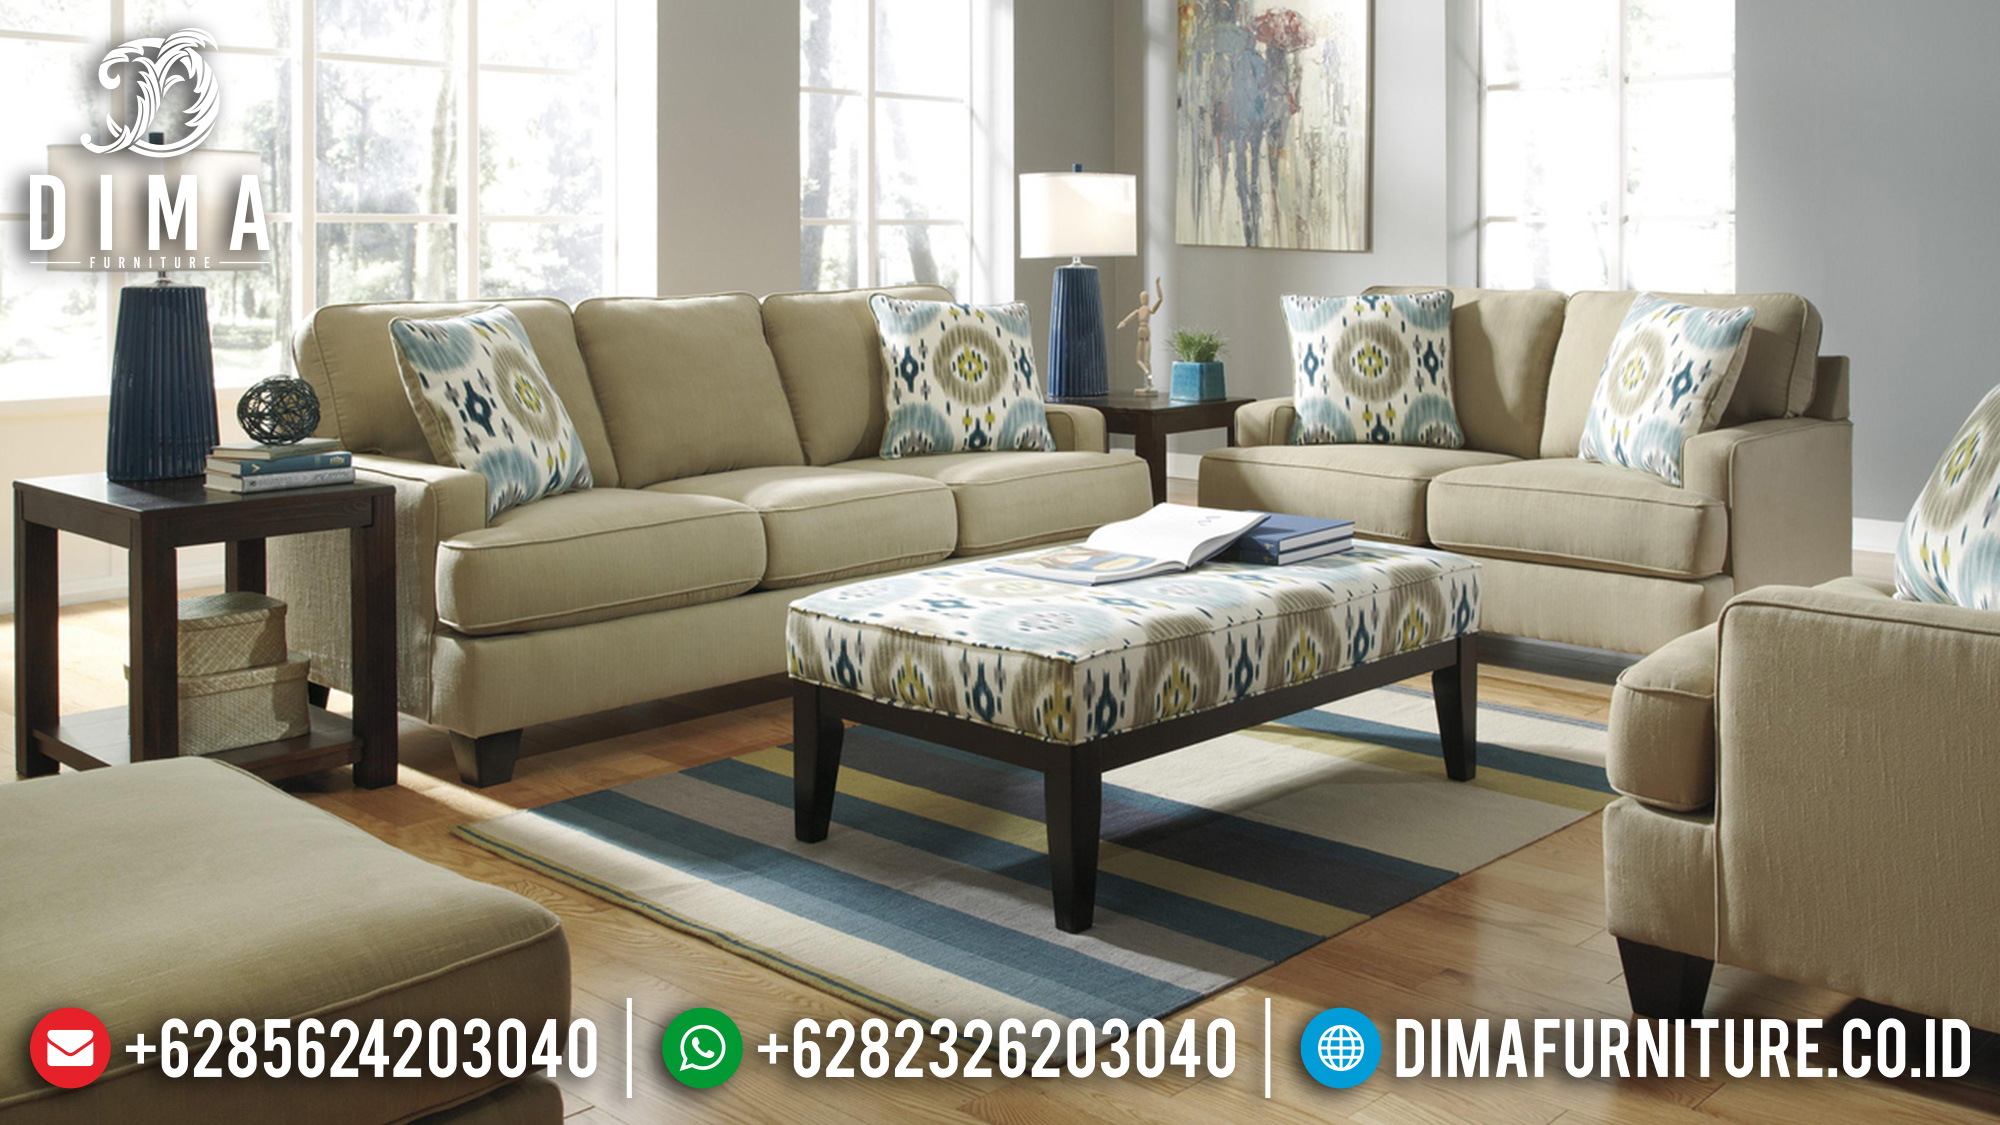 Sofa Tamu Jepara Mewah Minimalis Terbaru 22 Dima Furniture Jepara